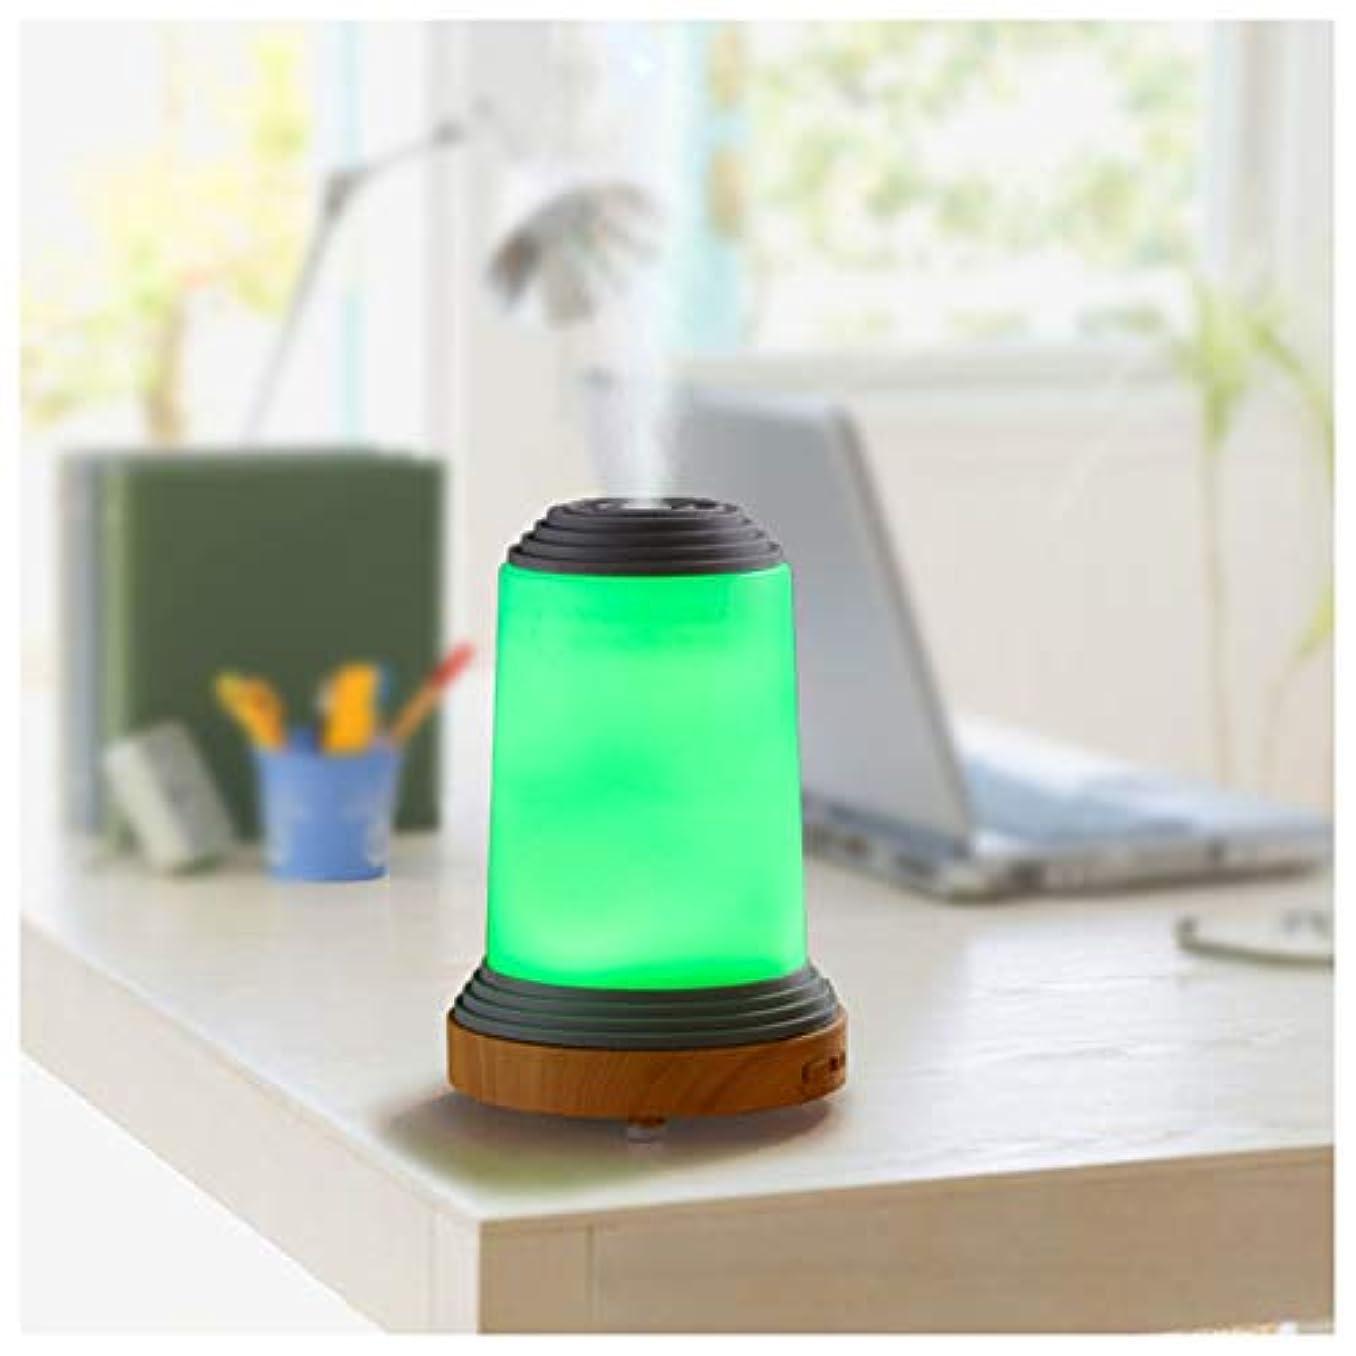 エネルギーご飯眠るエッセンシャルオイルディフューザー超音波アロマディフューザー、100ミリリットルユニークな灯台形状加湿器、7色LEDライト、ウォーターレス自動閉鎖、ヨガ、オフィス、スパ、寝室